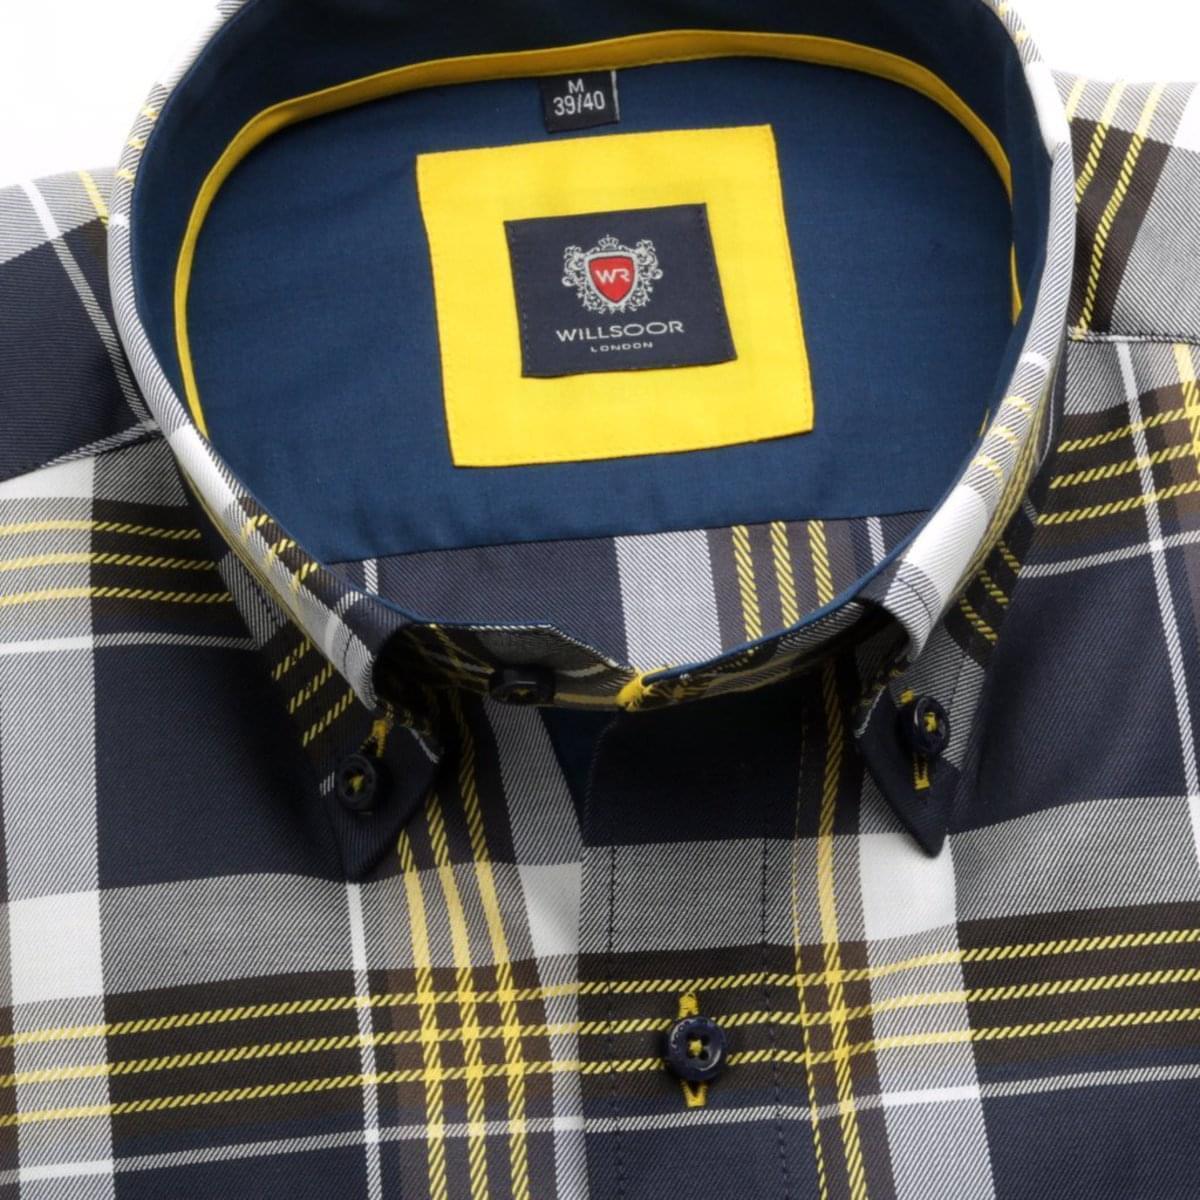 Pánská košile London (výška 176-182) 5815 s barevnou kostkou 176-182 / XL (43/44)